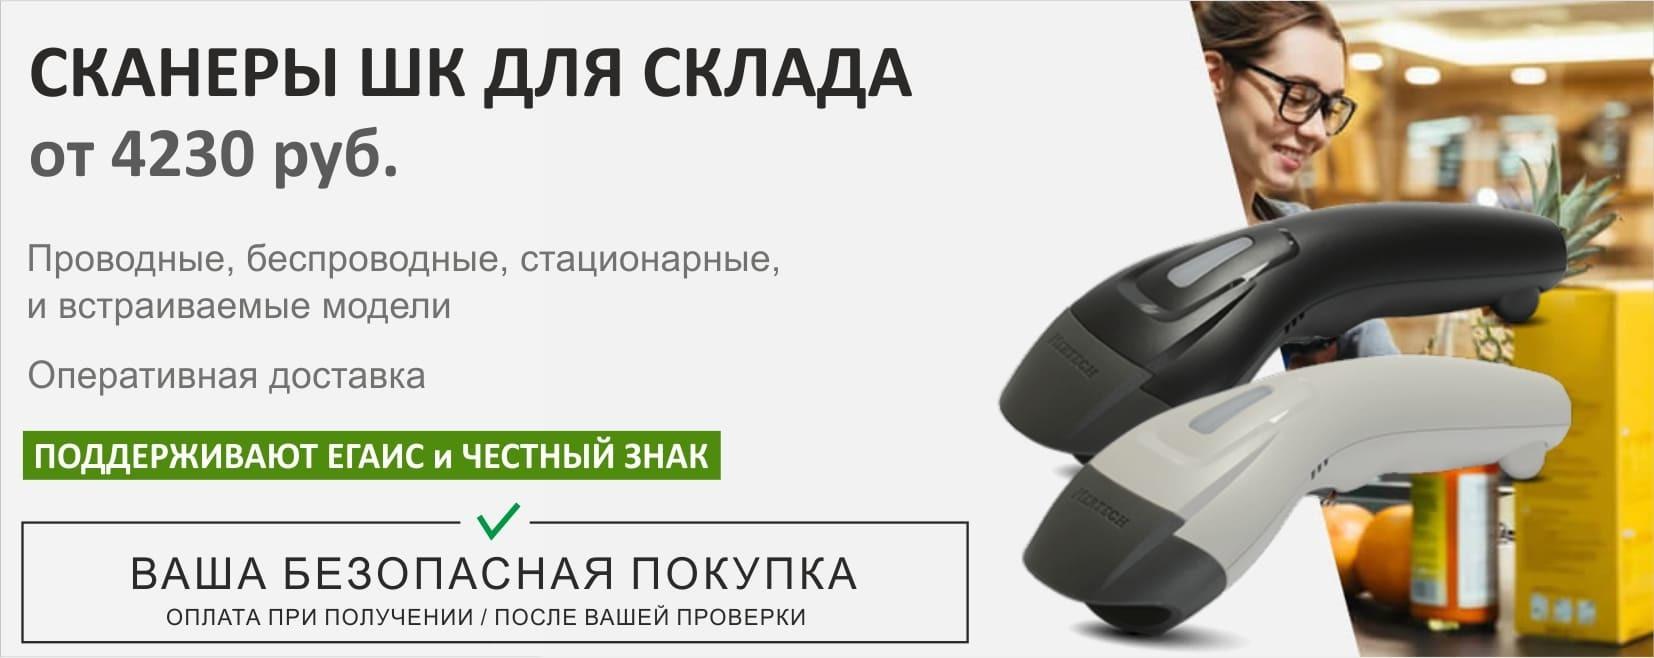 - Сканеры ШК для склада